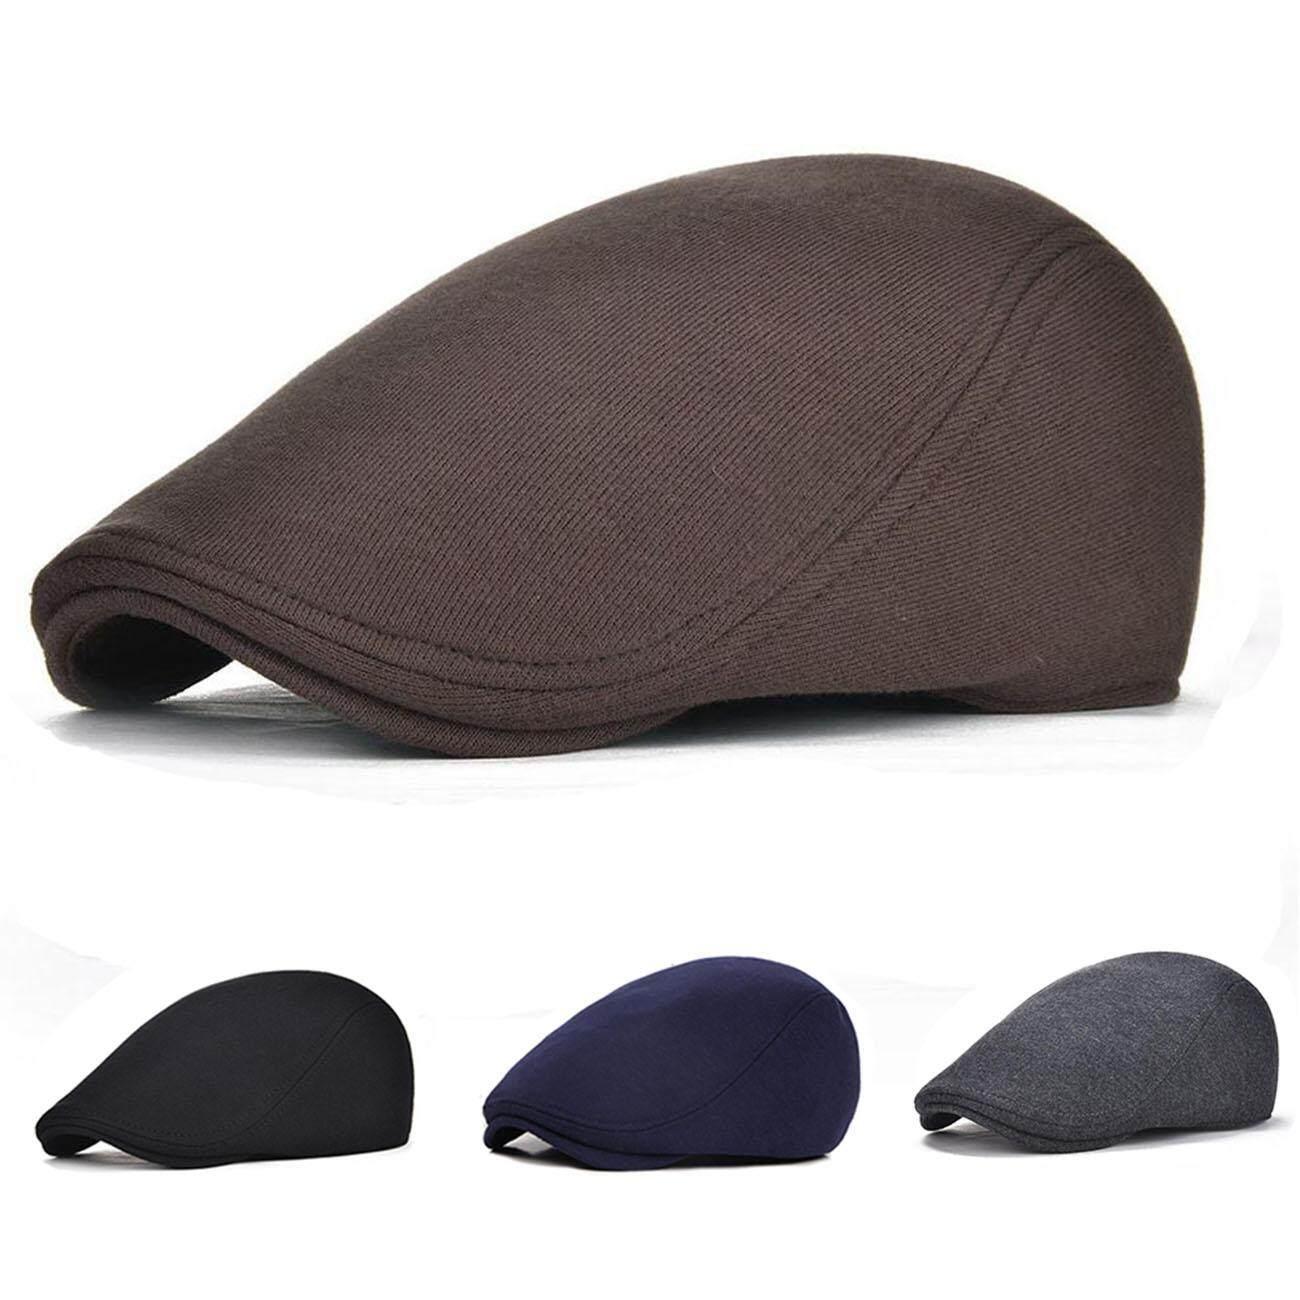 Men Cotton Adjustable Newsboy Beret Ivy Cap Cabbie Flat Cap